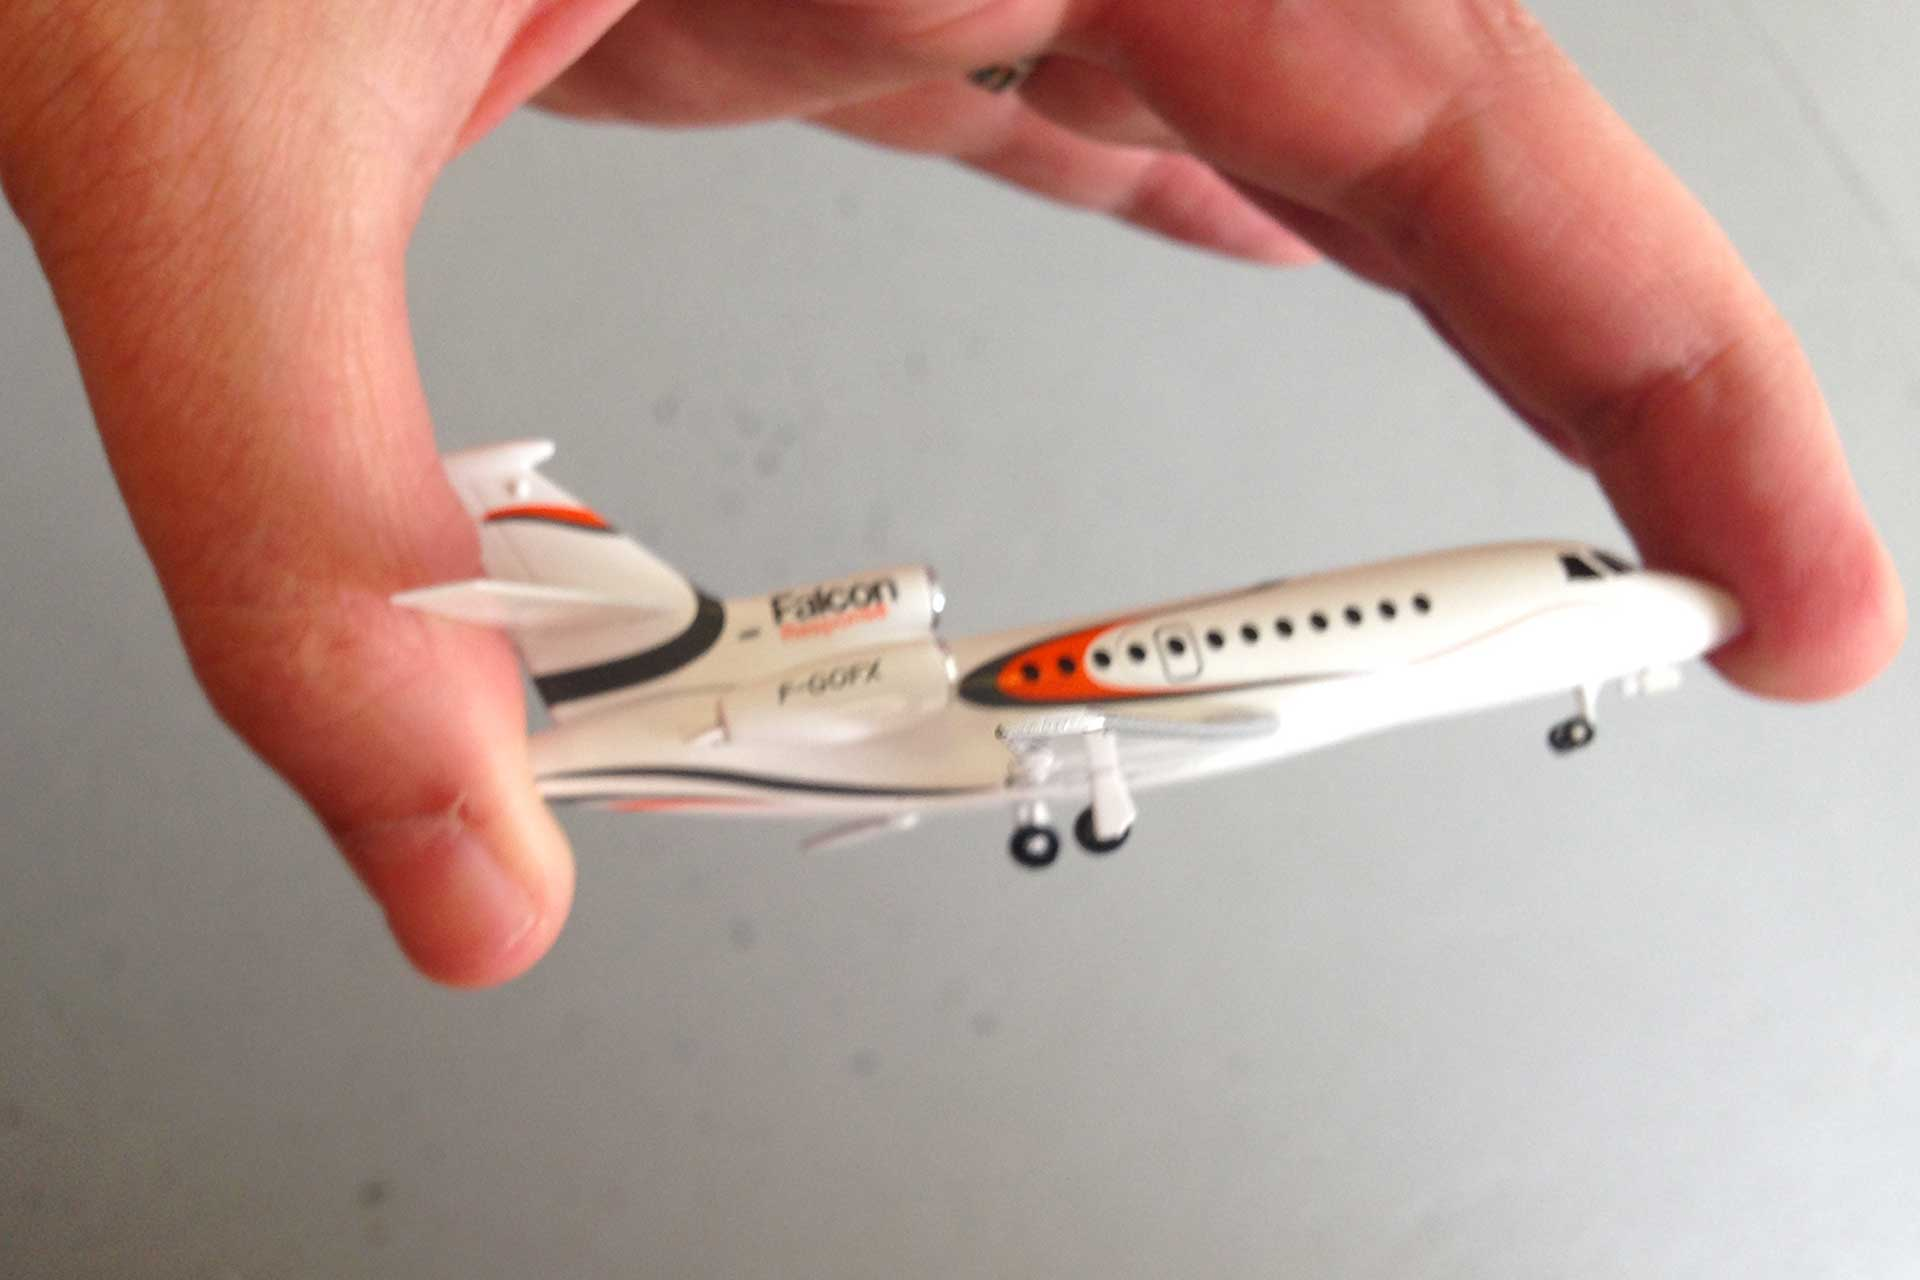 Falcon Response Dassault Aviation maquette